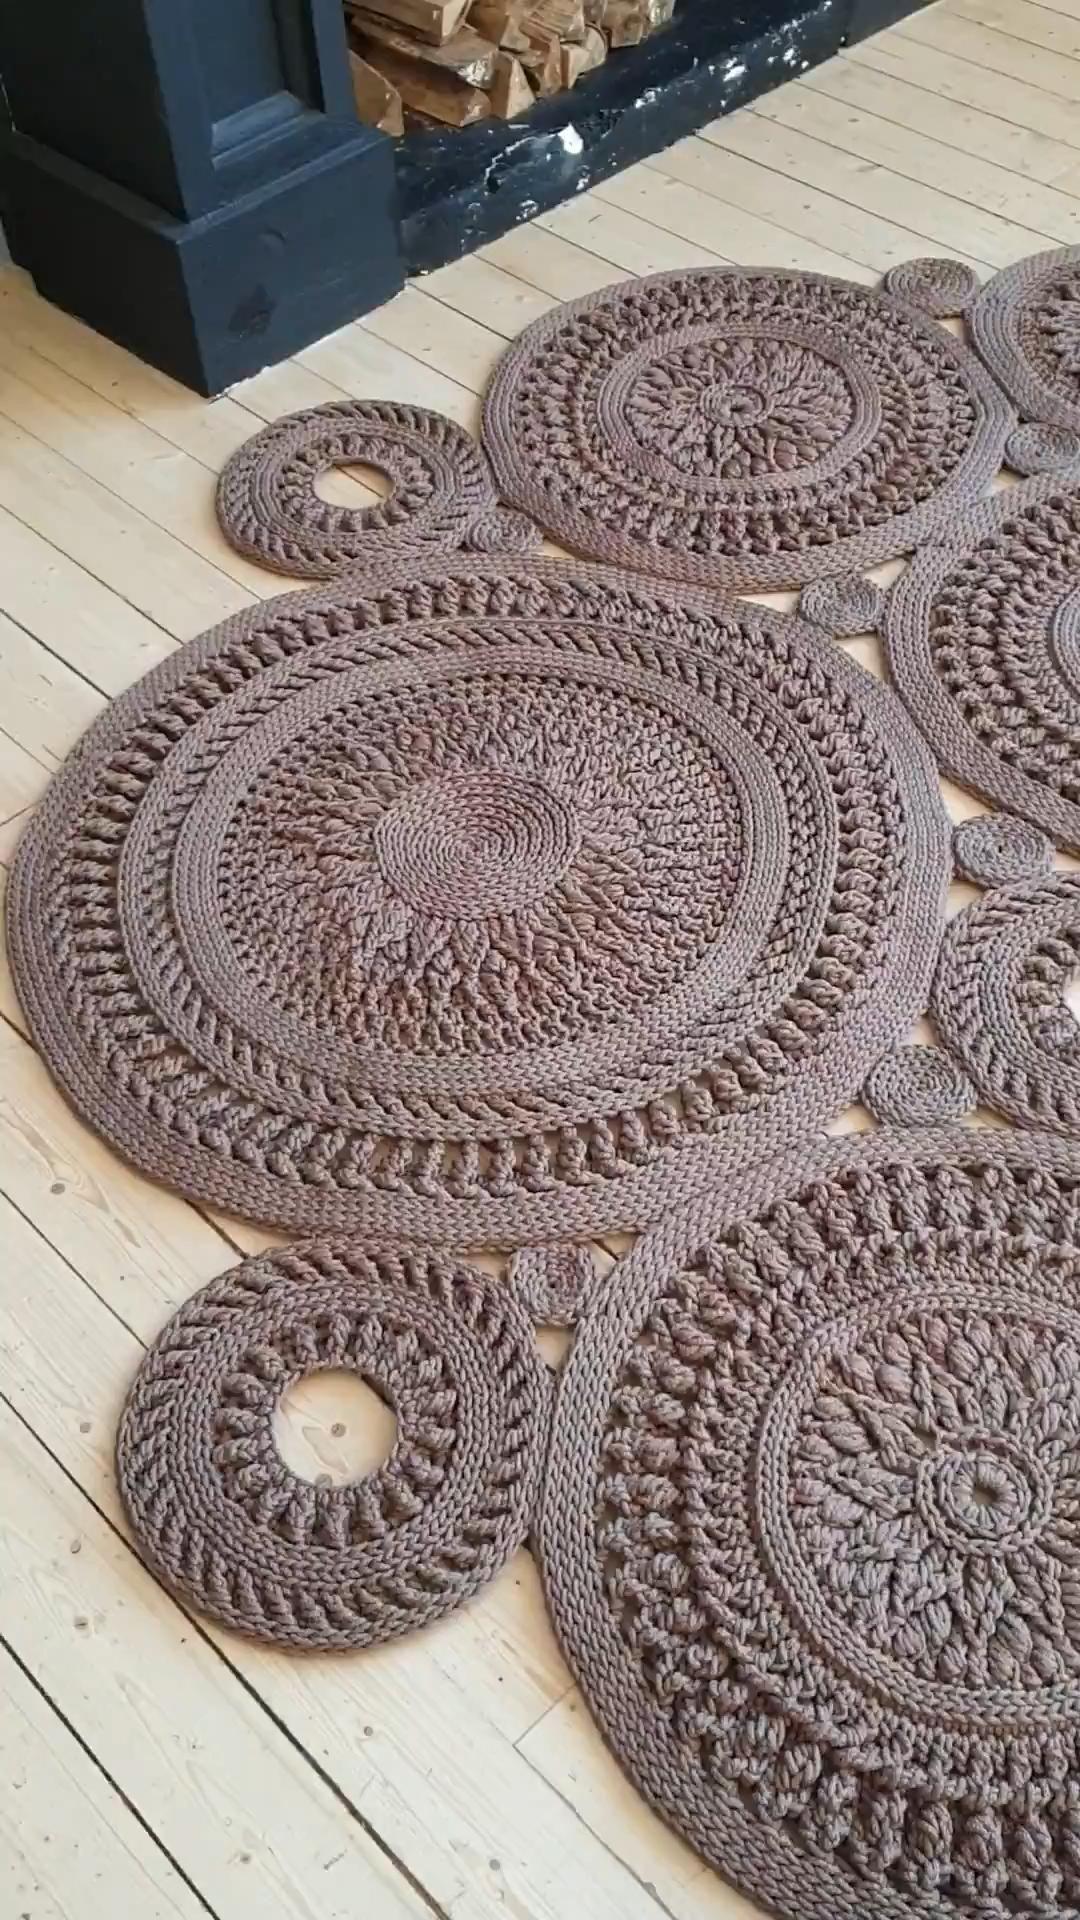 Crochet rug. Craft home decor